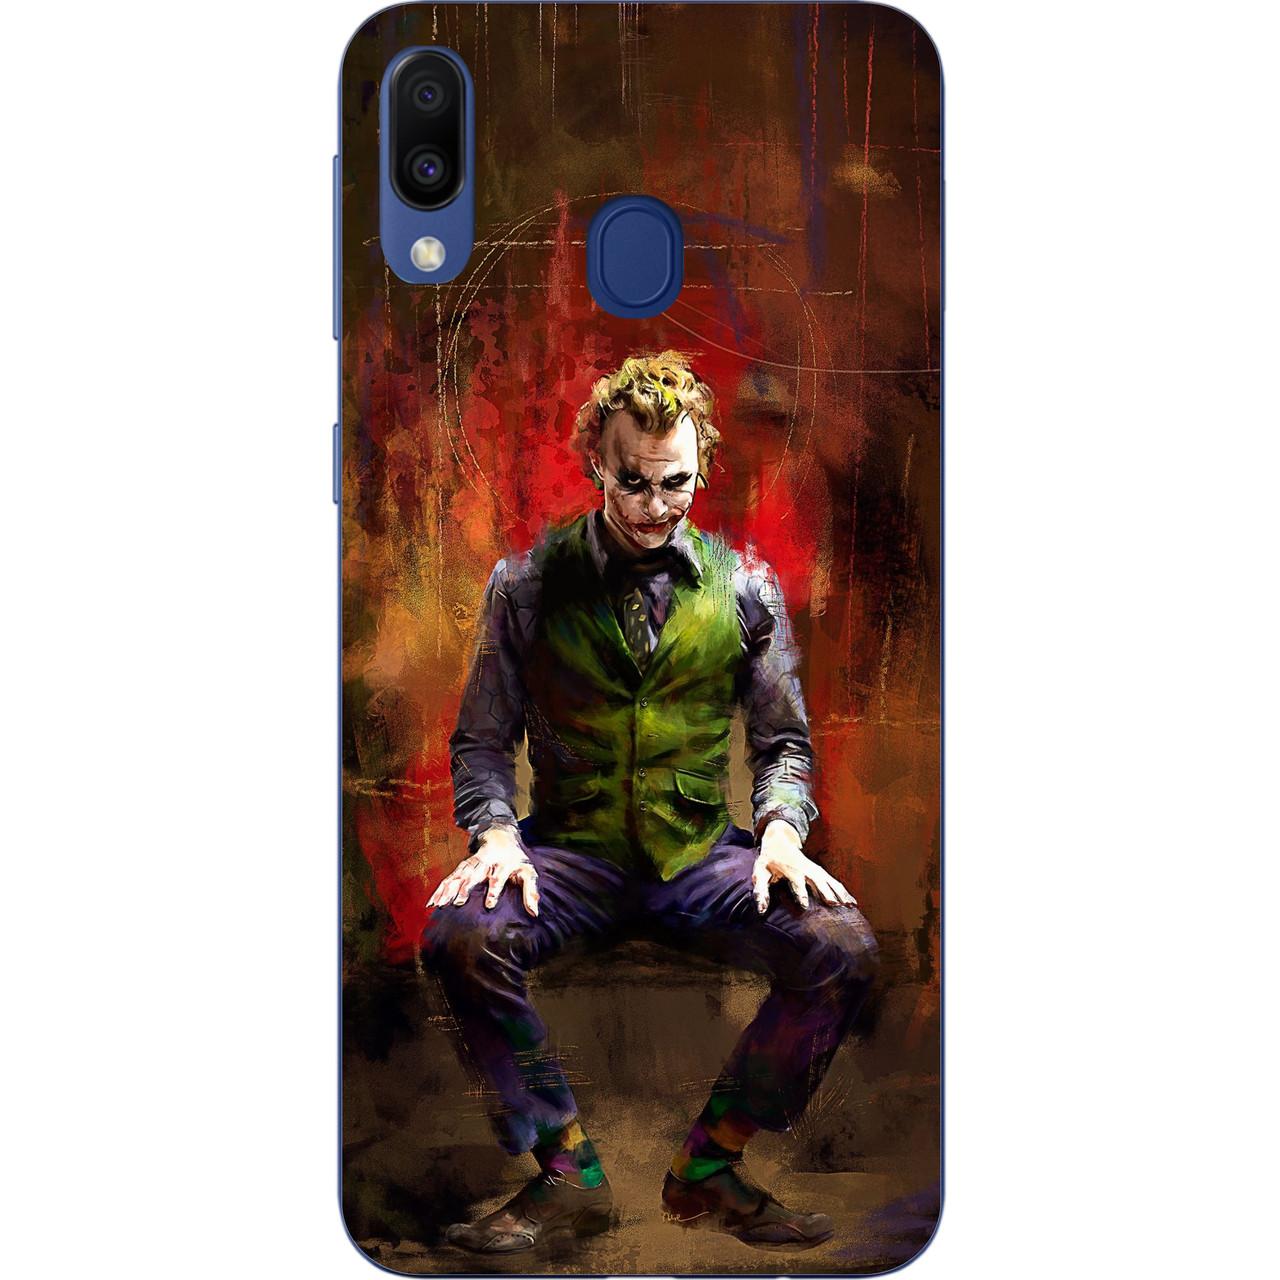 Силиконовый чехол бампер для Samsung Galaxy M20 с картинкой Джокер